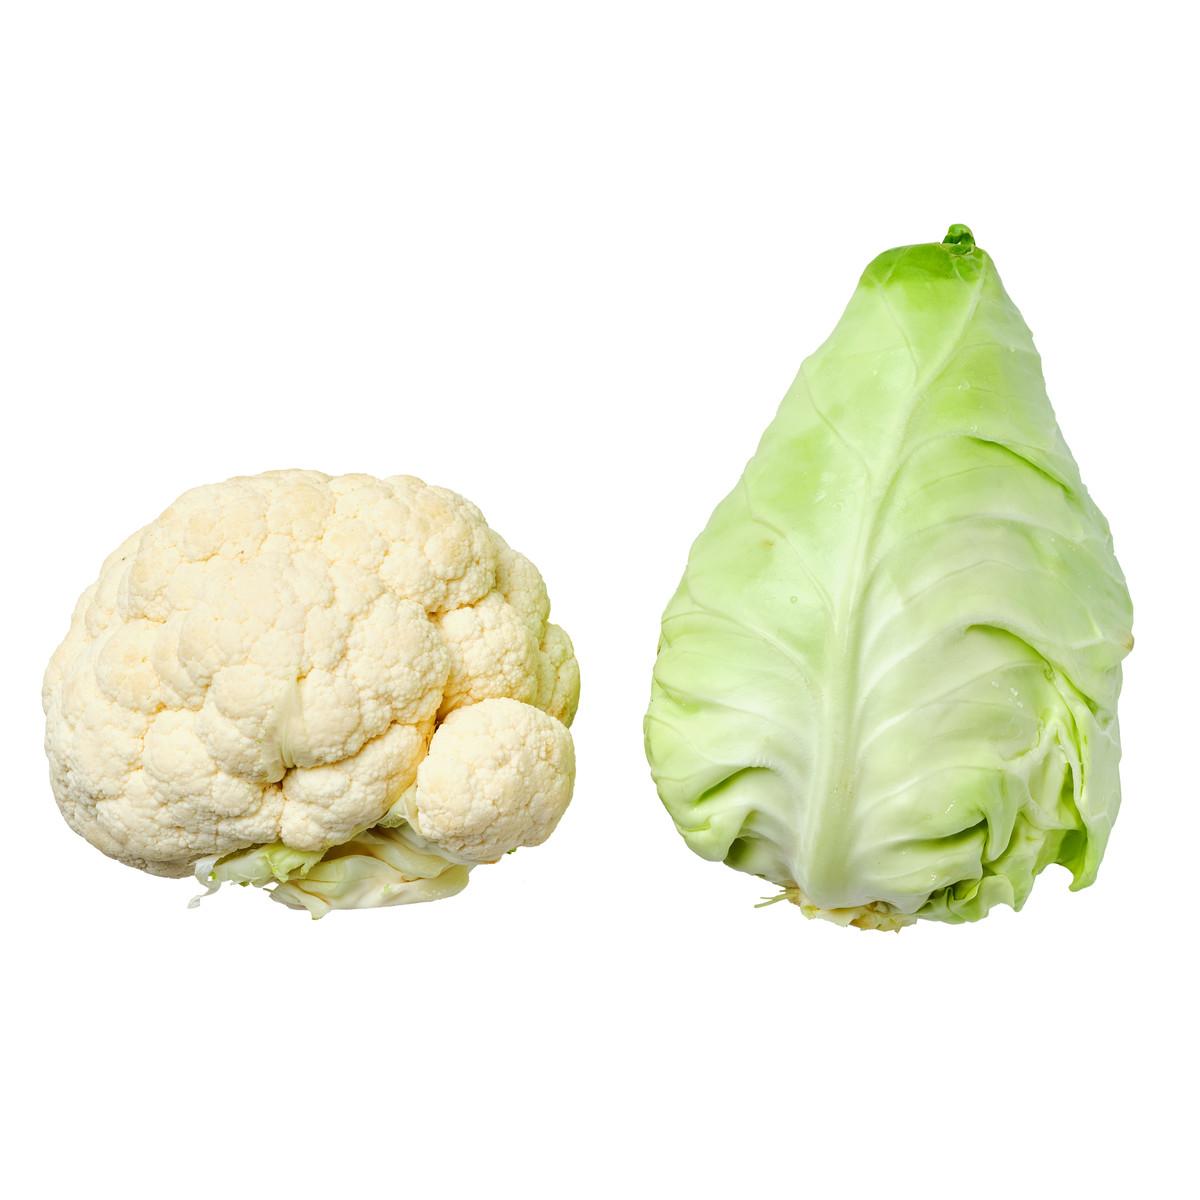 20200228_Gemüse:Obst_Freisteller_35.jpg